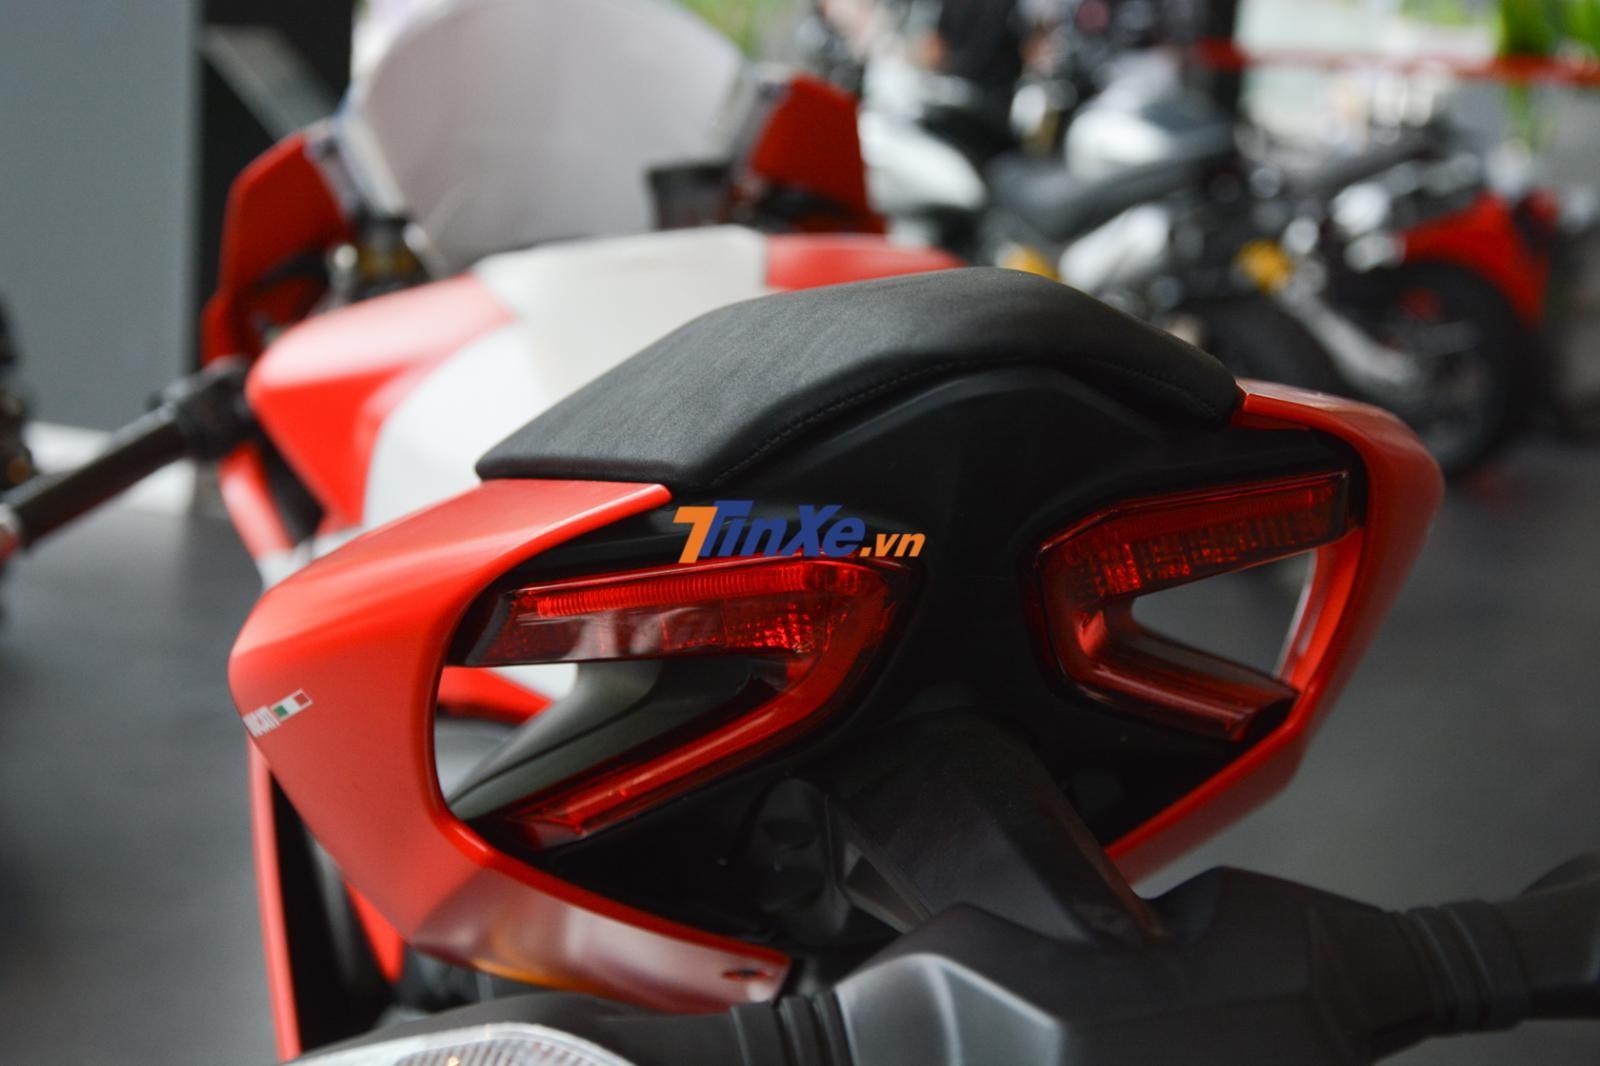 Đèn hậu của Ducati 959 Panigale Corse không khác gì bản tiêu chuẩn